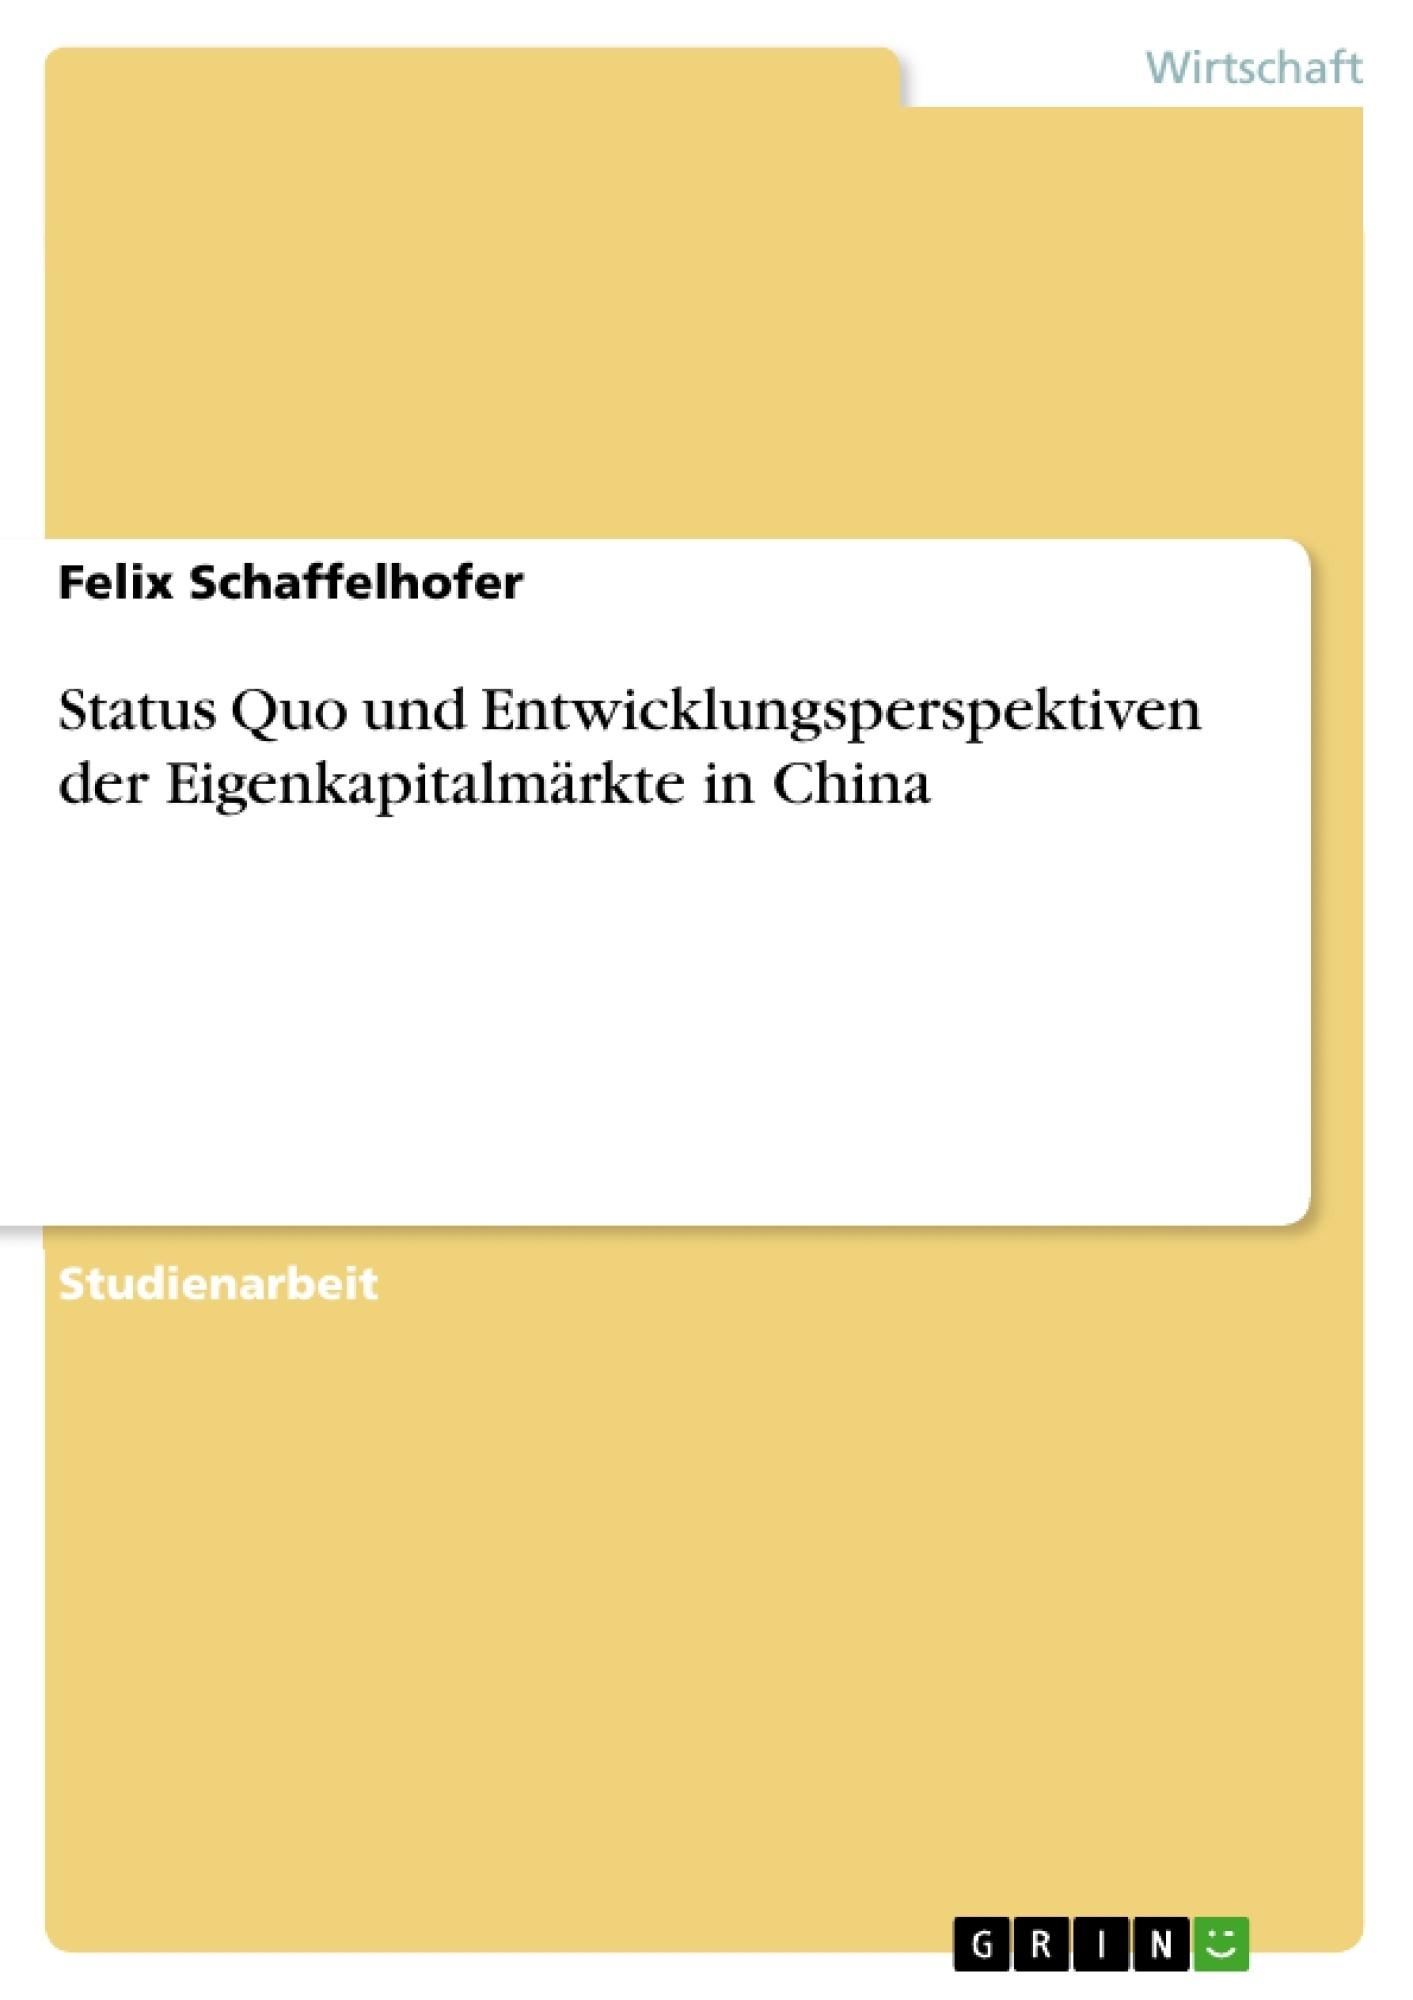 Titel: Status Quo und Entwicklungsperspektiven der Eigenkapitalmärkte in China